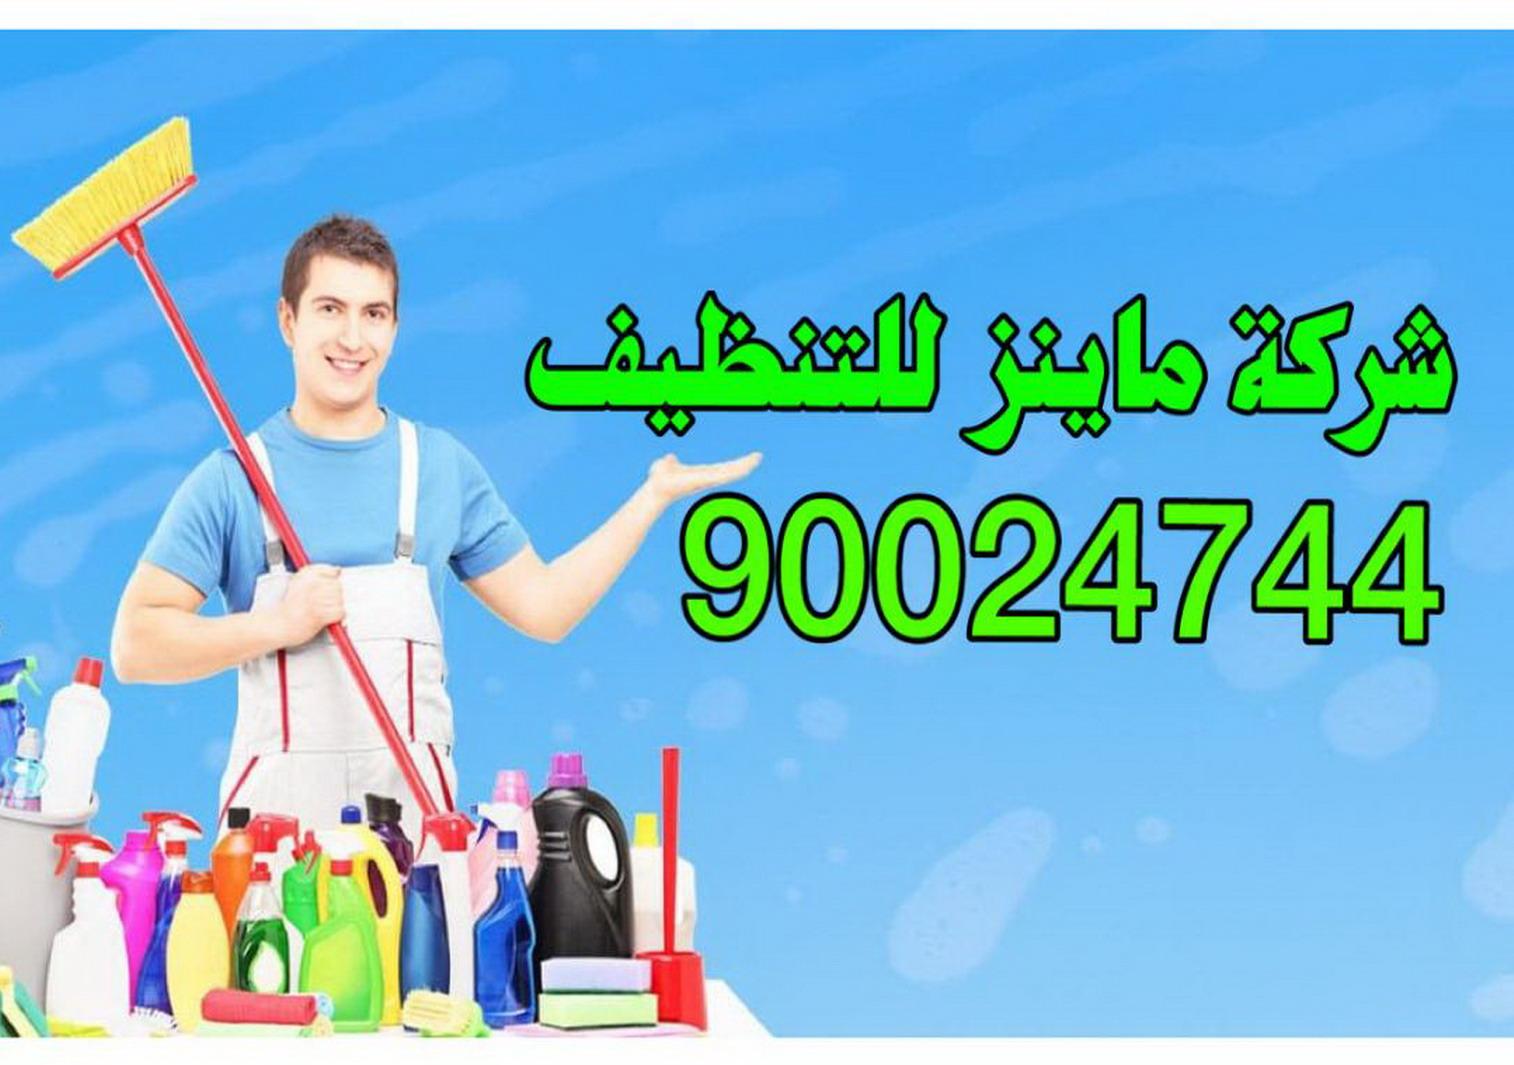 شركة ماينز للتنظيف 90024744